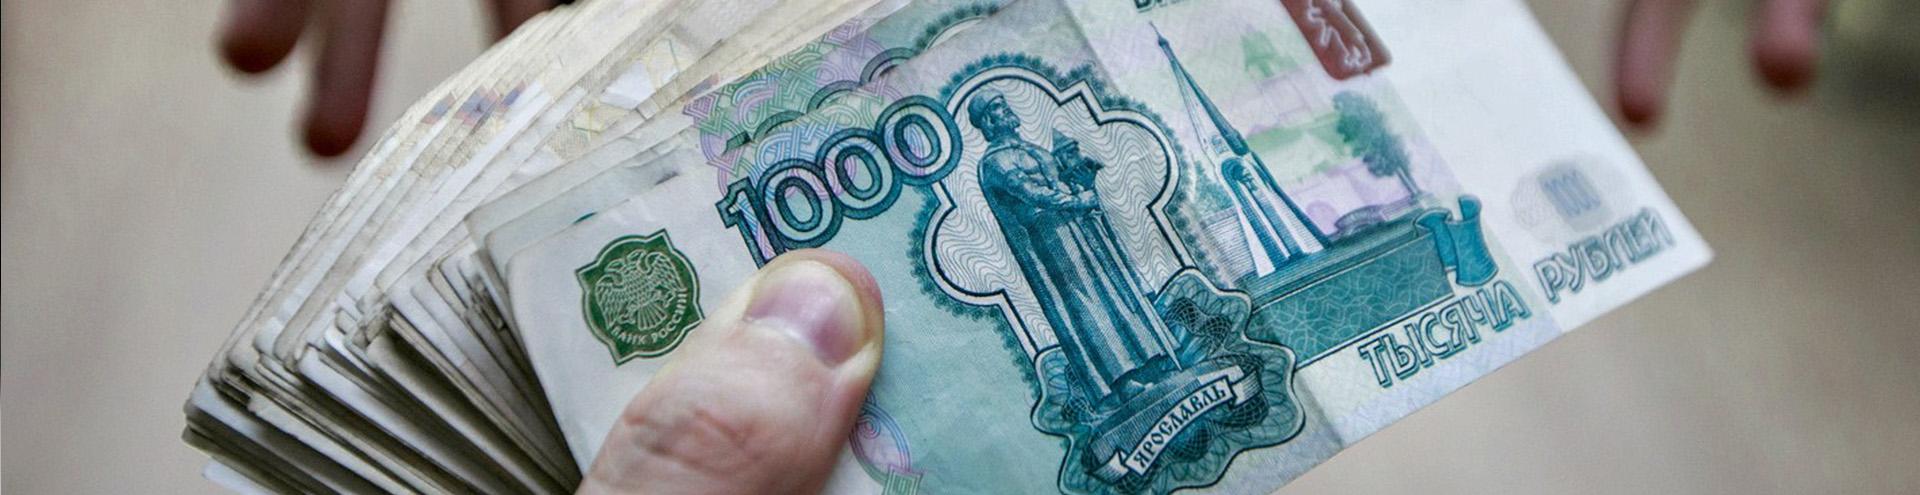 неосновательное обогащение в Челябинске